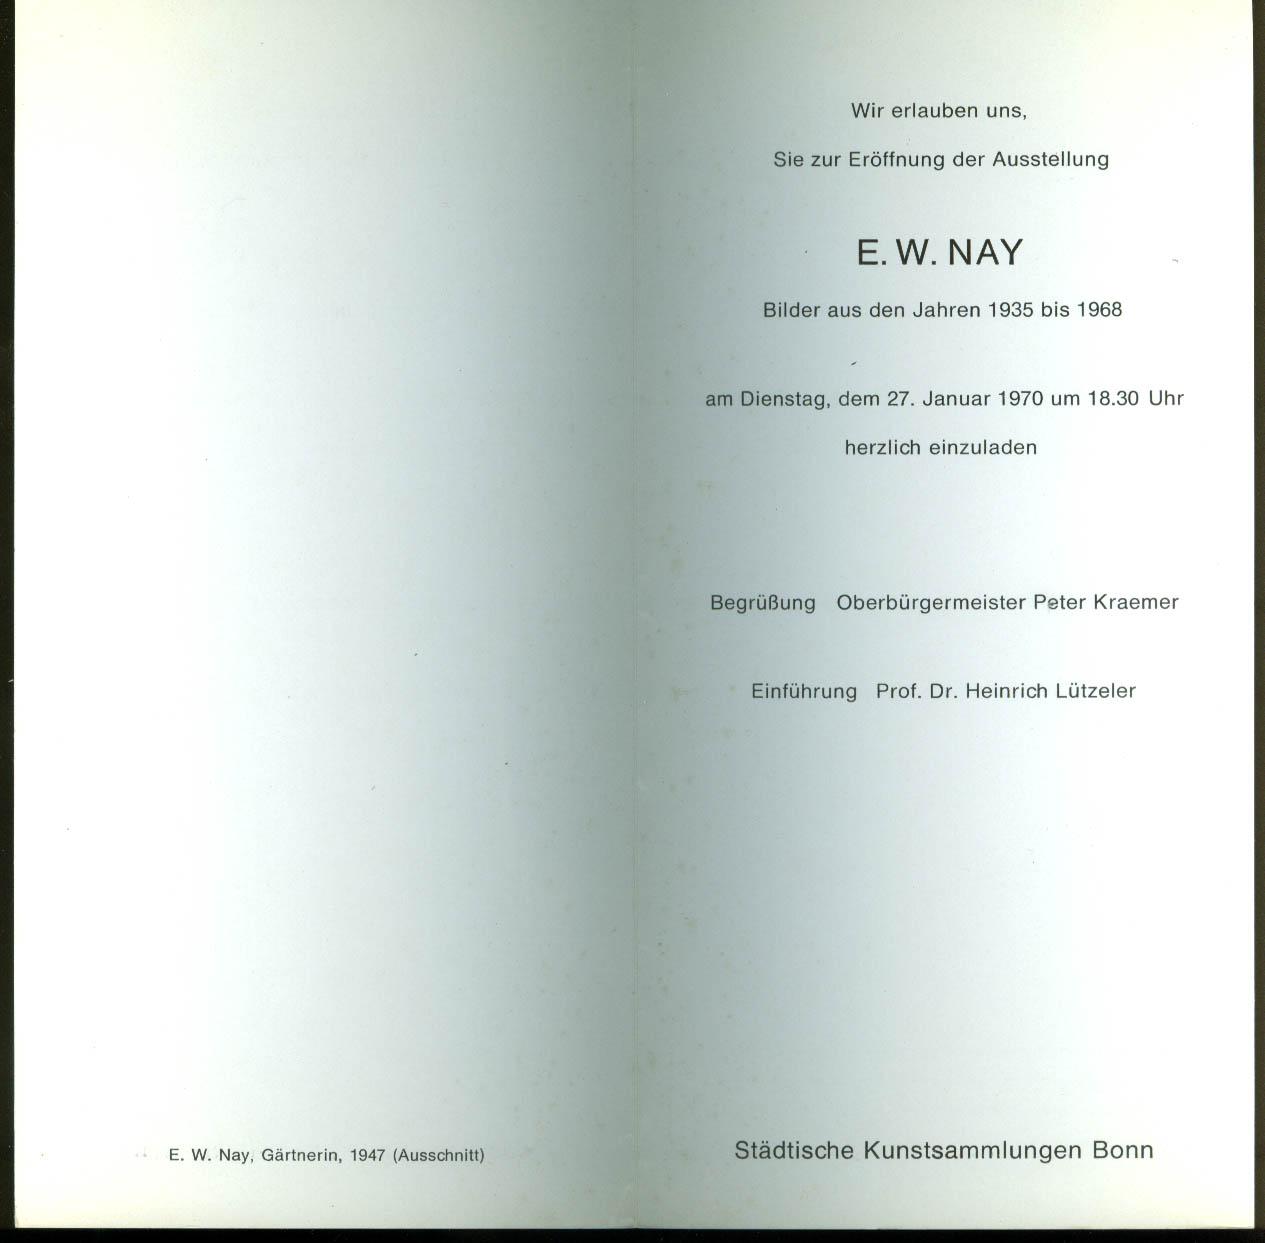 Ernst Wilhelm Nay exhibit invitation Stadtische Kunstsammlungen Bonn 1970